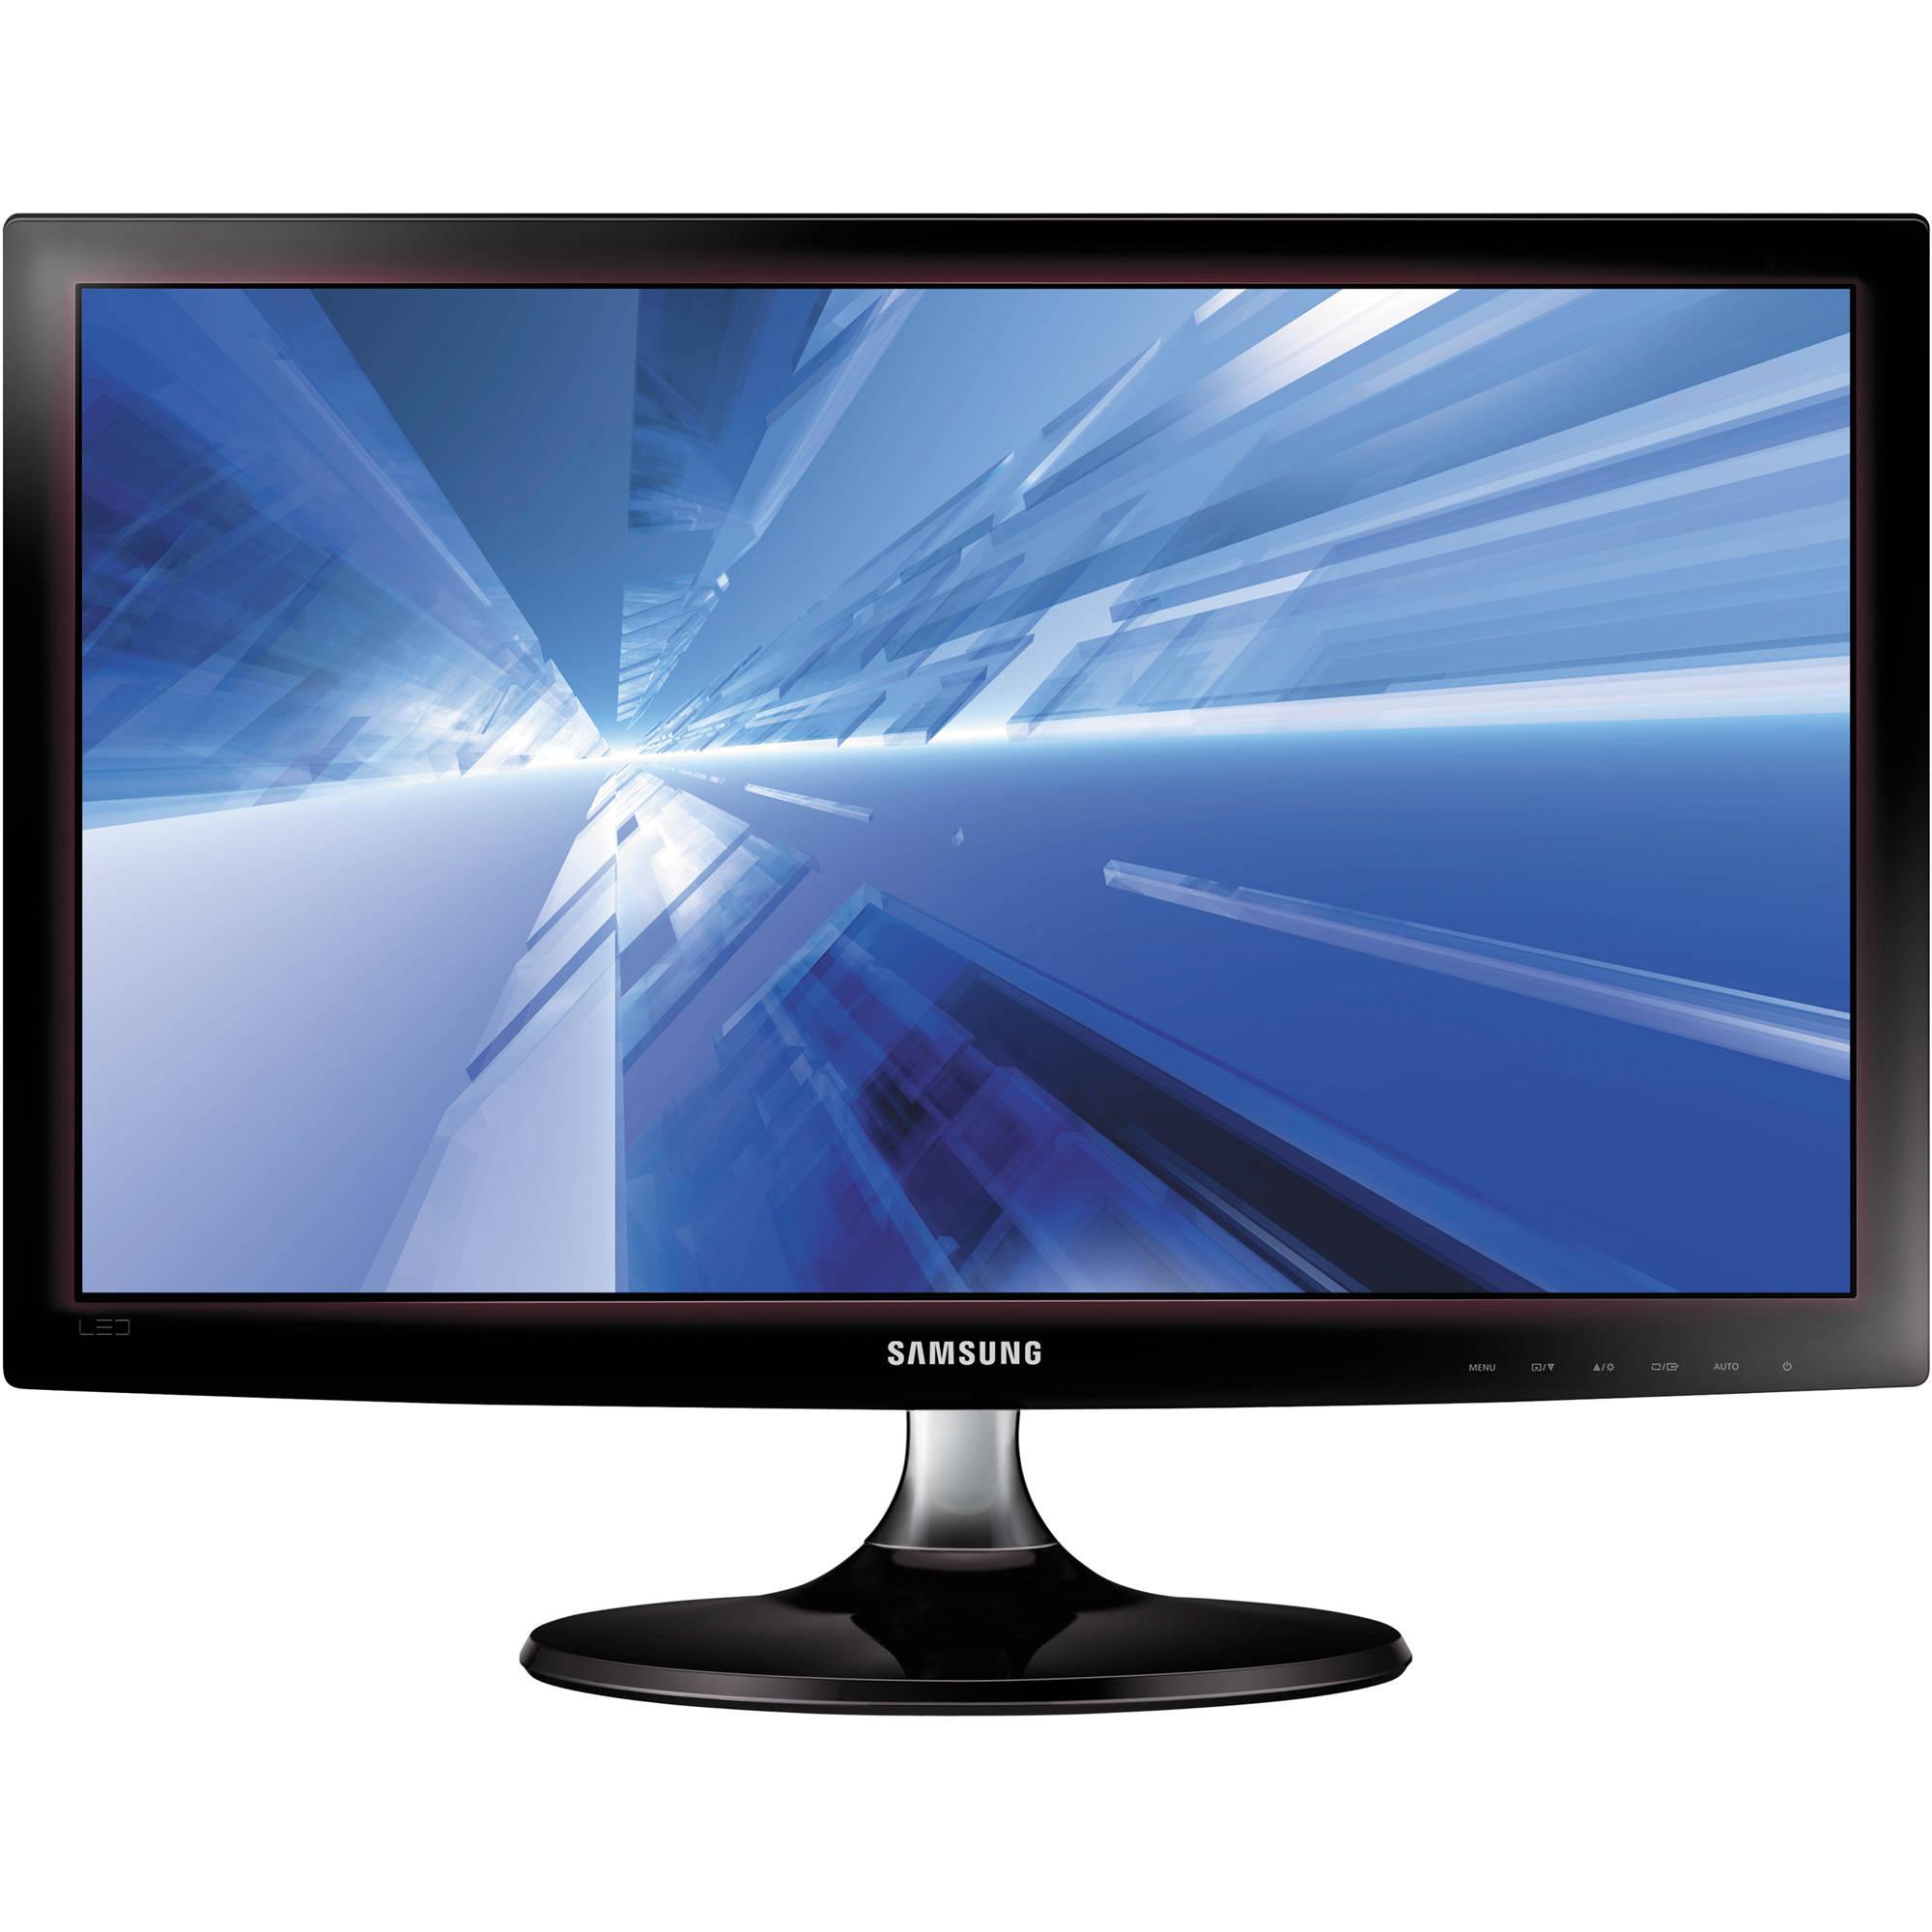 samsung s27c500h 27 widescreen led backlit lcd s27c500h. Black Bedroom Furniture Sets. Home Design Ideas